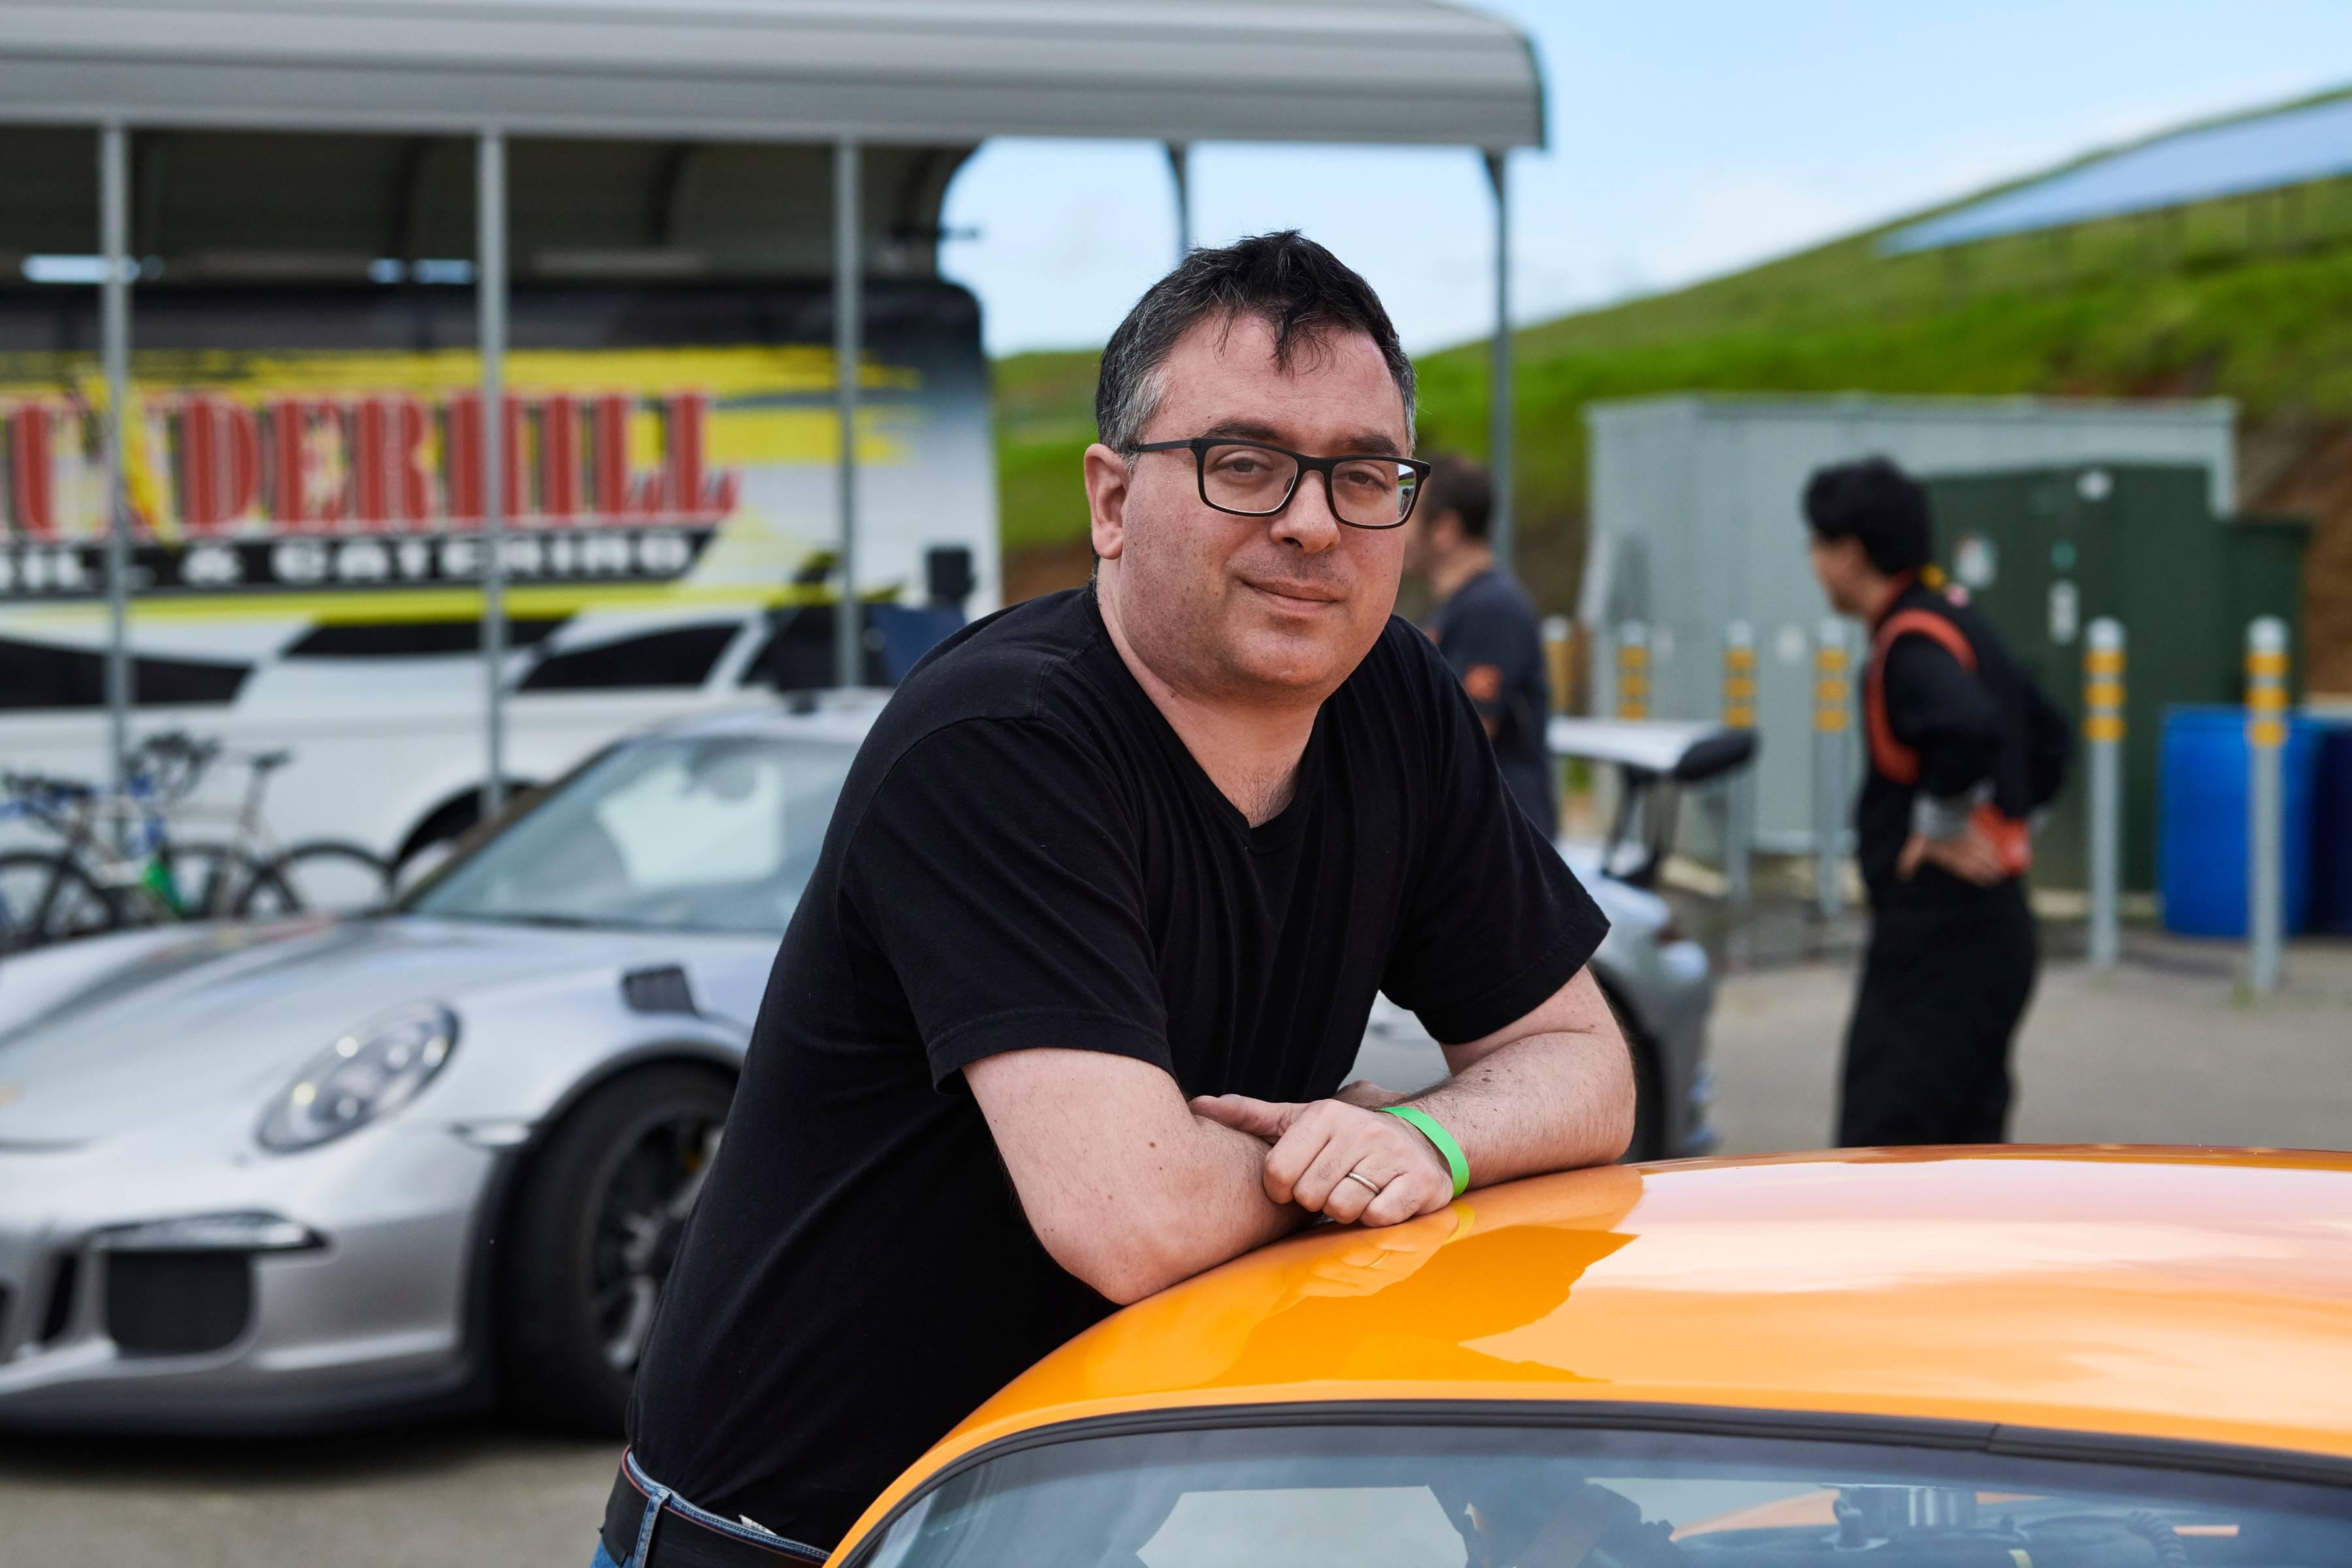 <br /><br />Joshua Schachter, empreendedor do Vale do Silício, piloto de carros amadores e organizador da Self Racing Cars.